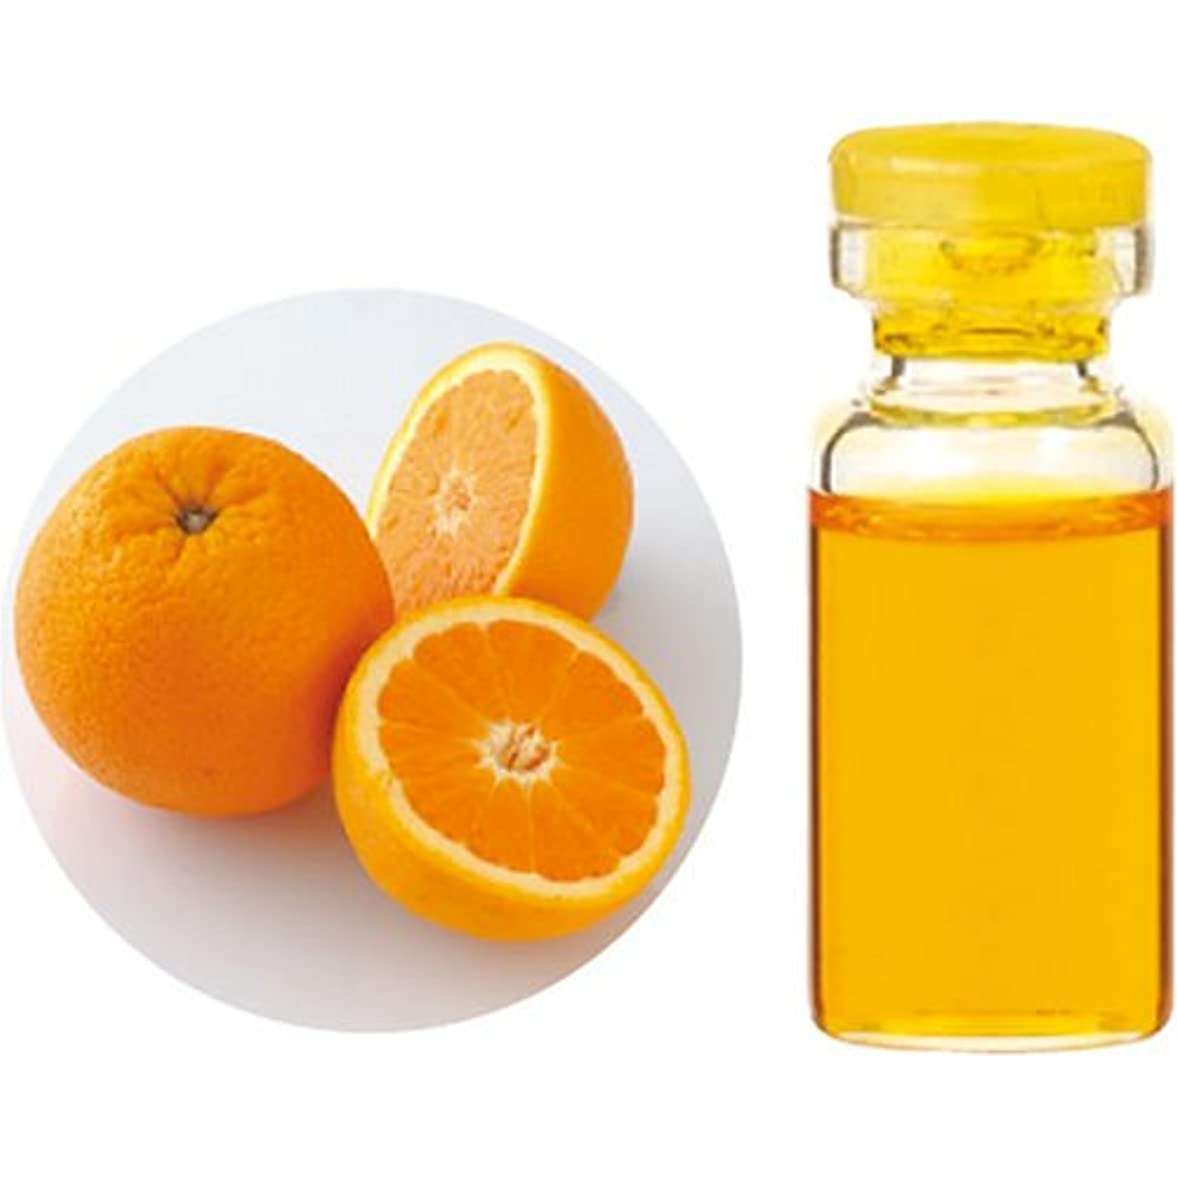 薬用文字通りに頼るHerbalLife スィートオレンジ 10ml